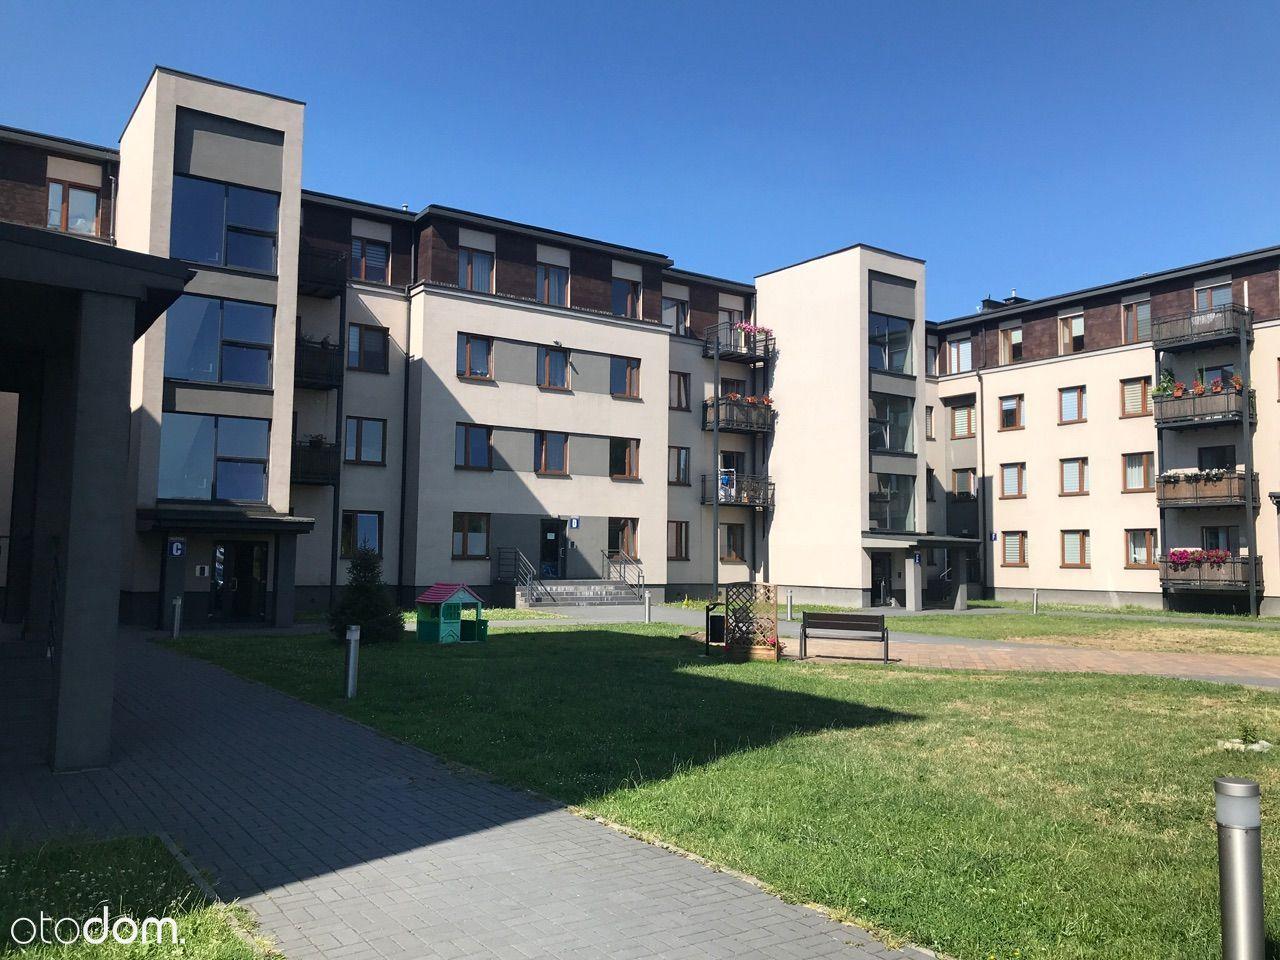 REZERWACJA Mieszkanie Nowy Batory -wysoki standard